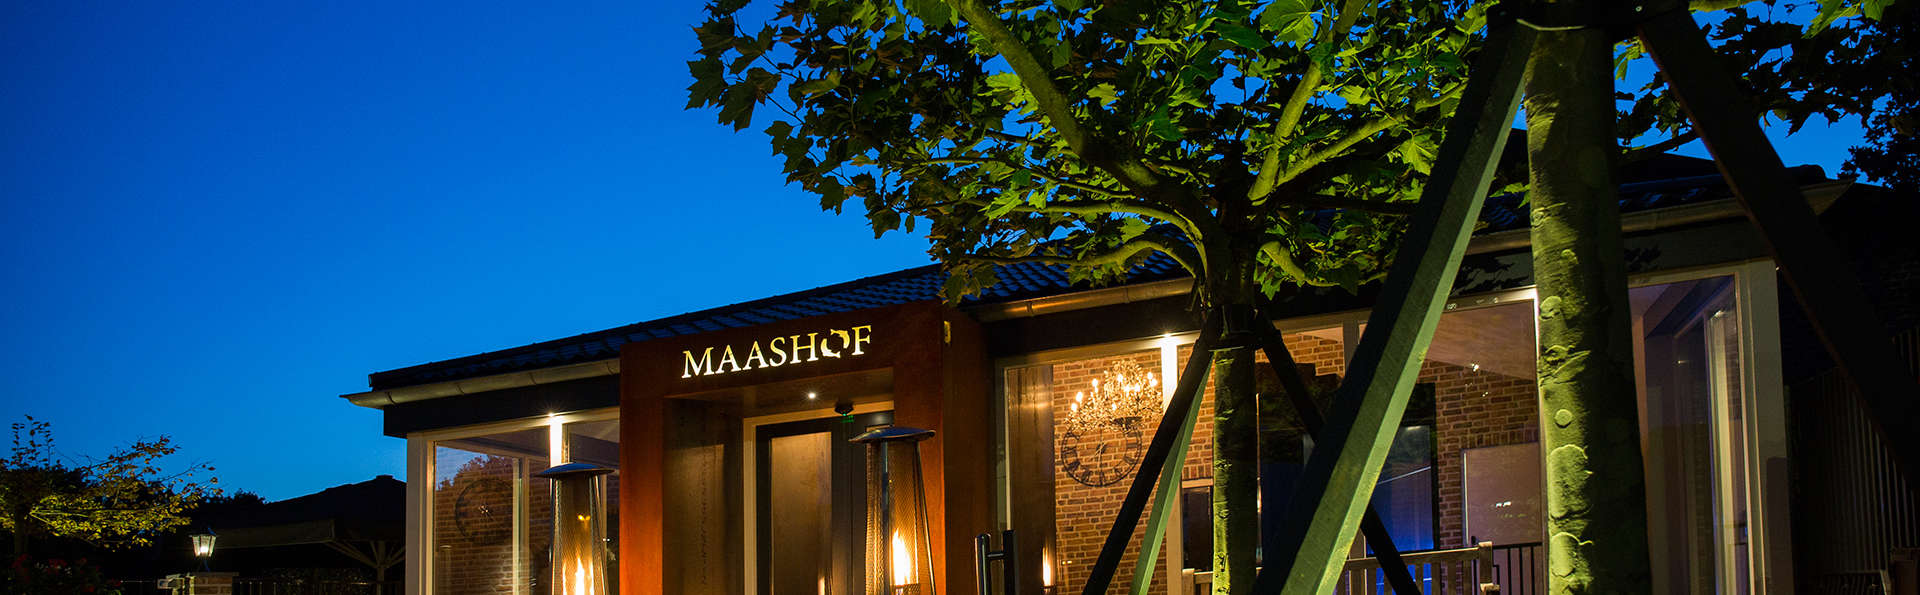 Maashof - EDIT_front2.jpg